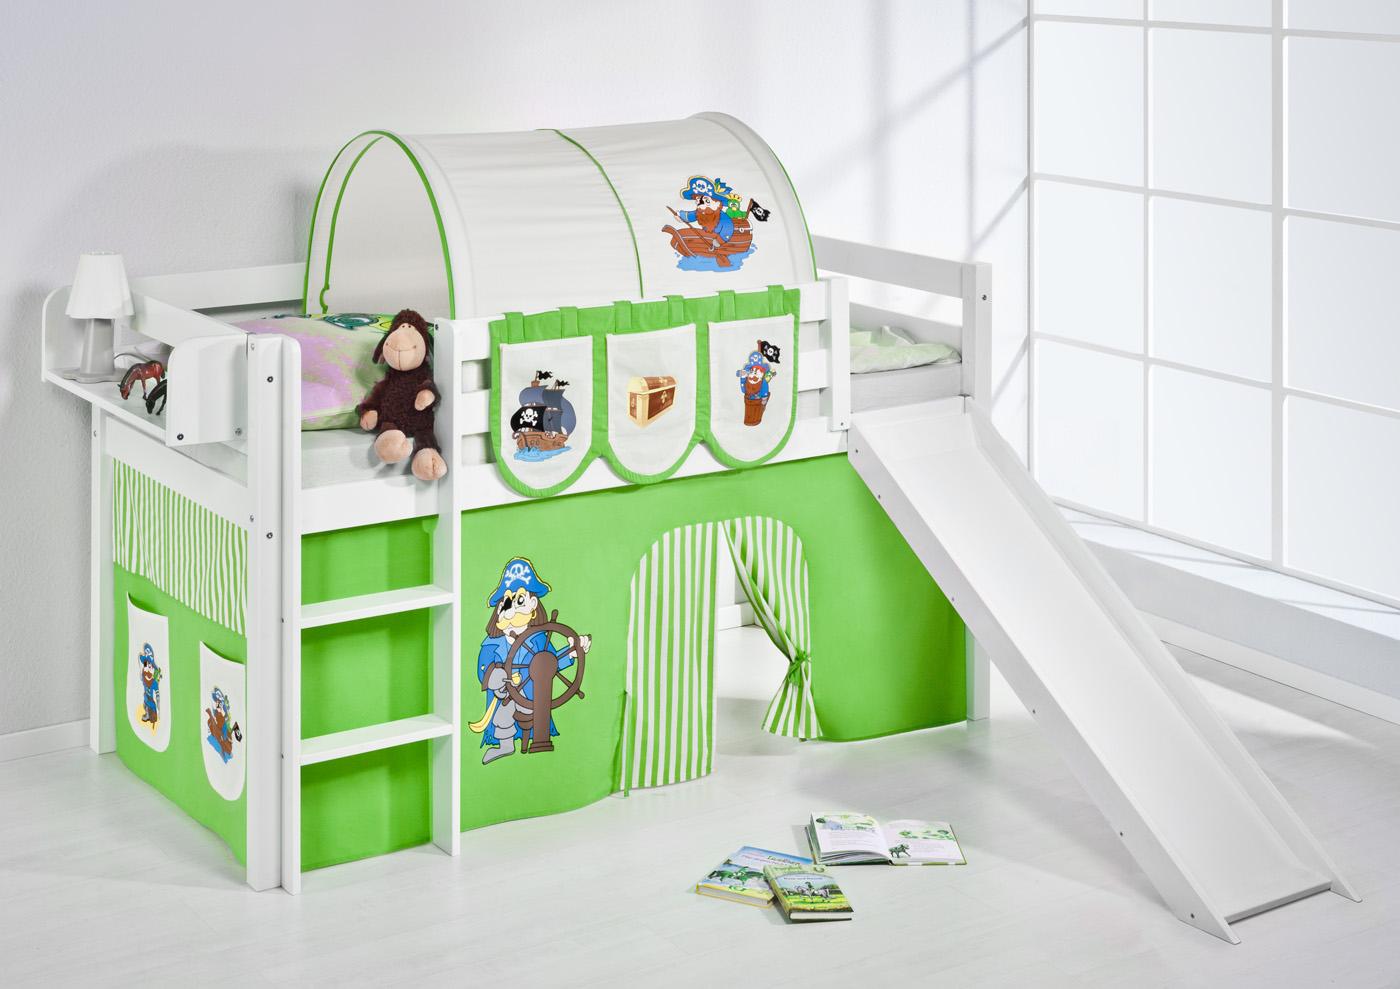 spielbett hochbett kinderbett jelle weiss mit rutsche. Black Bedroom Furniture Sets. Home Design Ideas